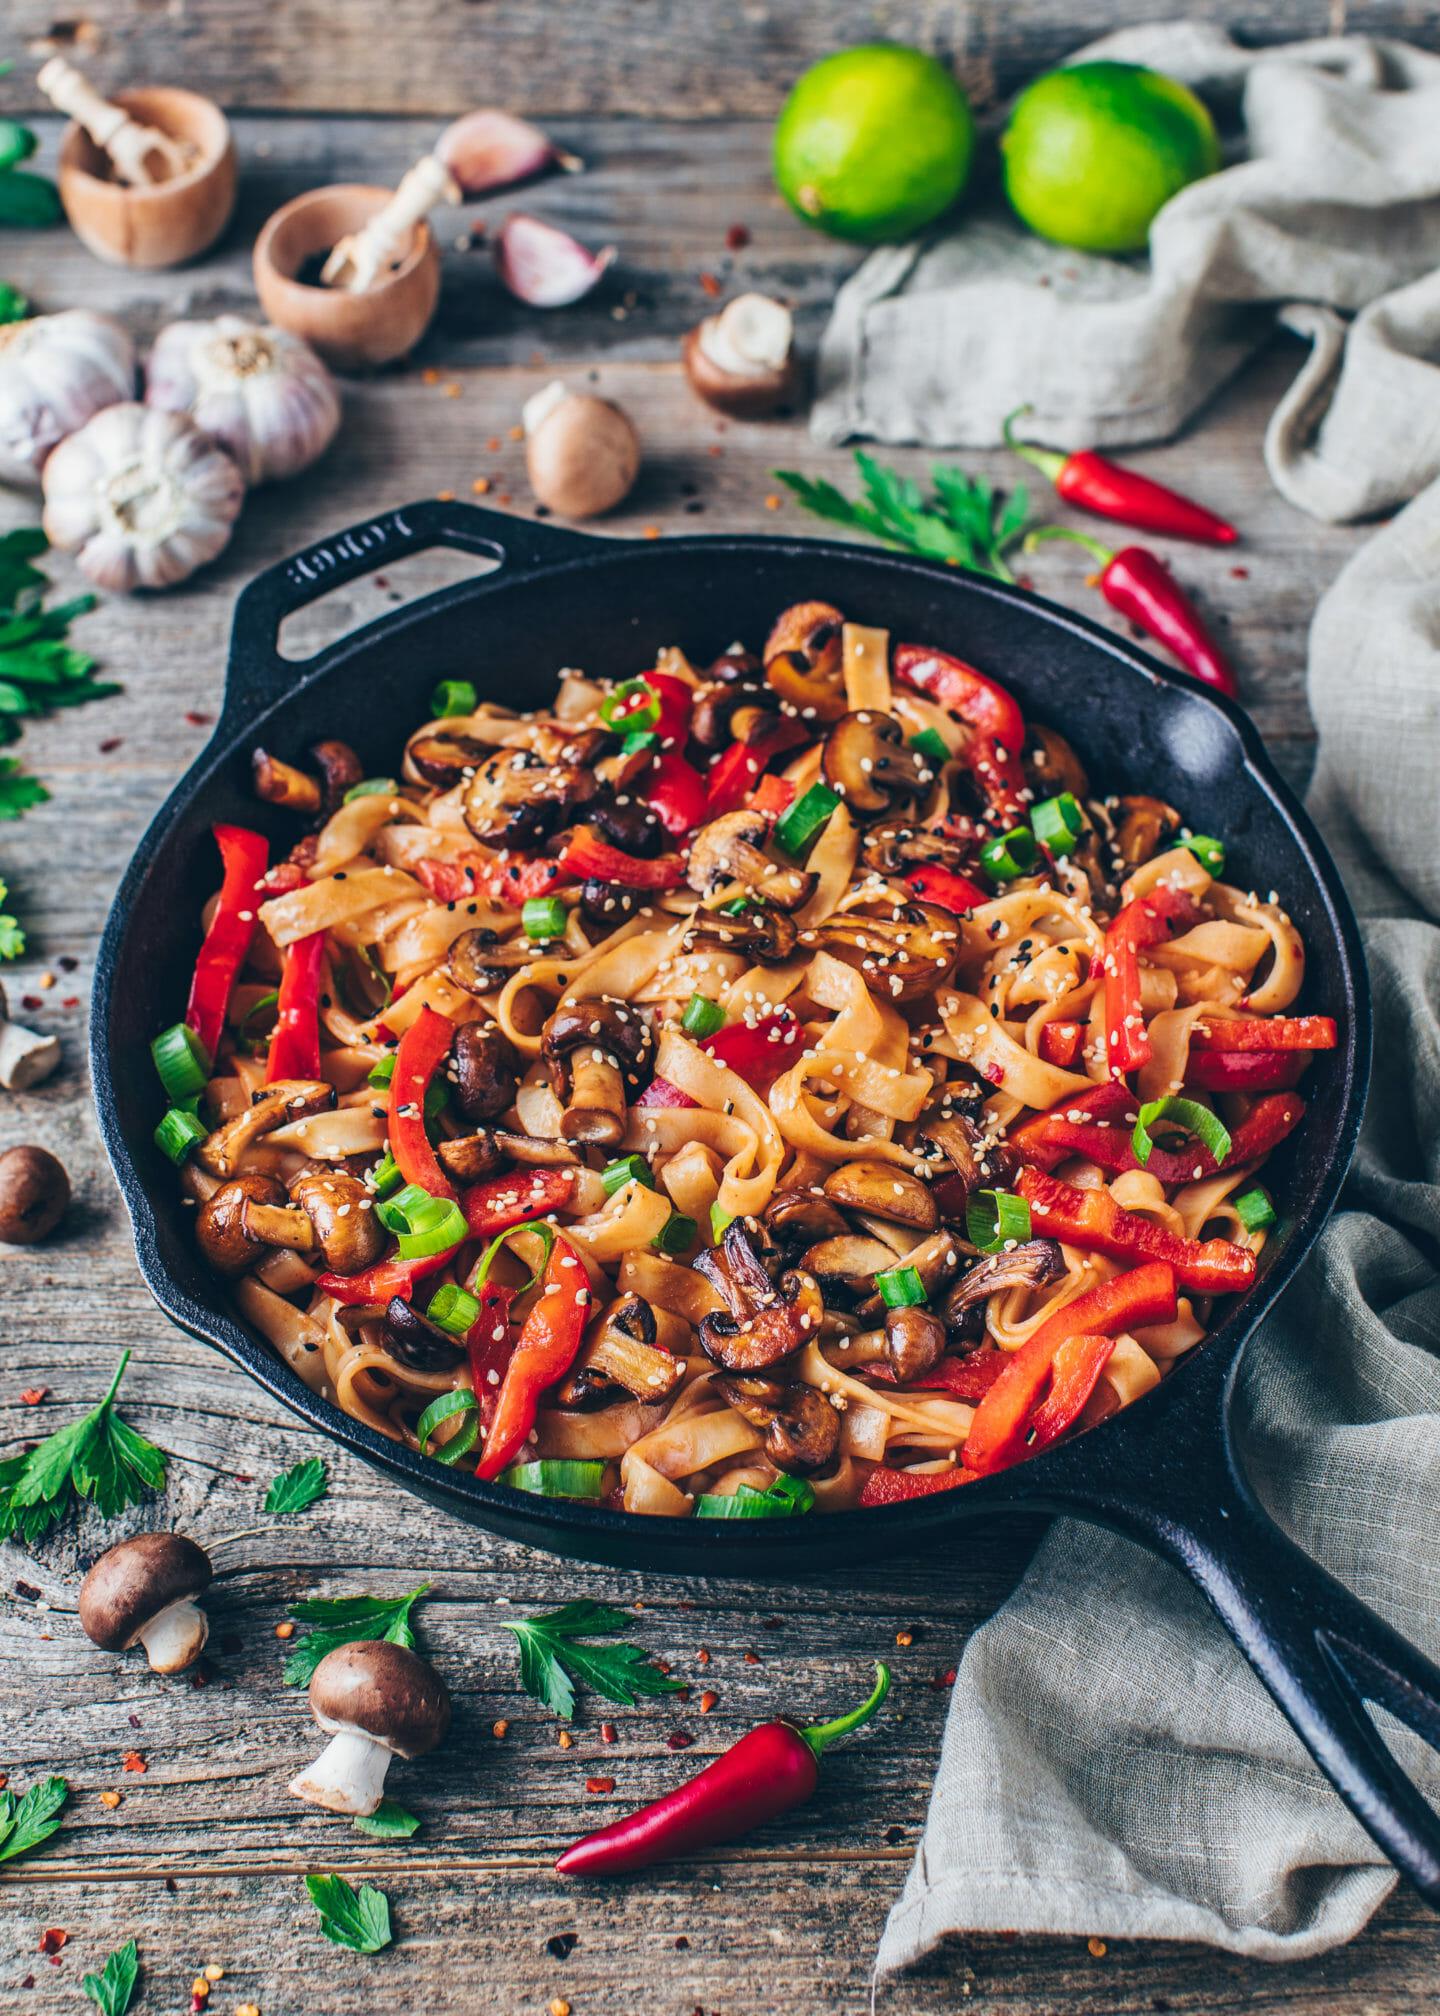 Asian Noodles vegetable Stir-fry